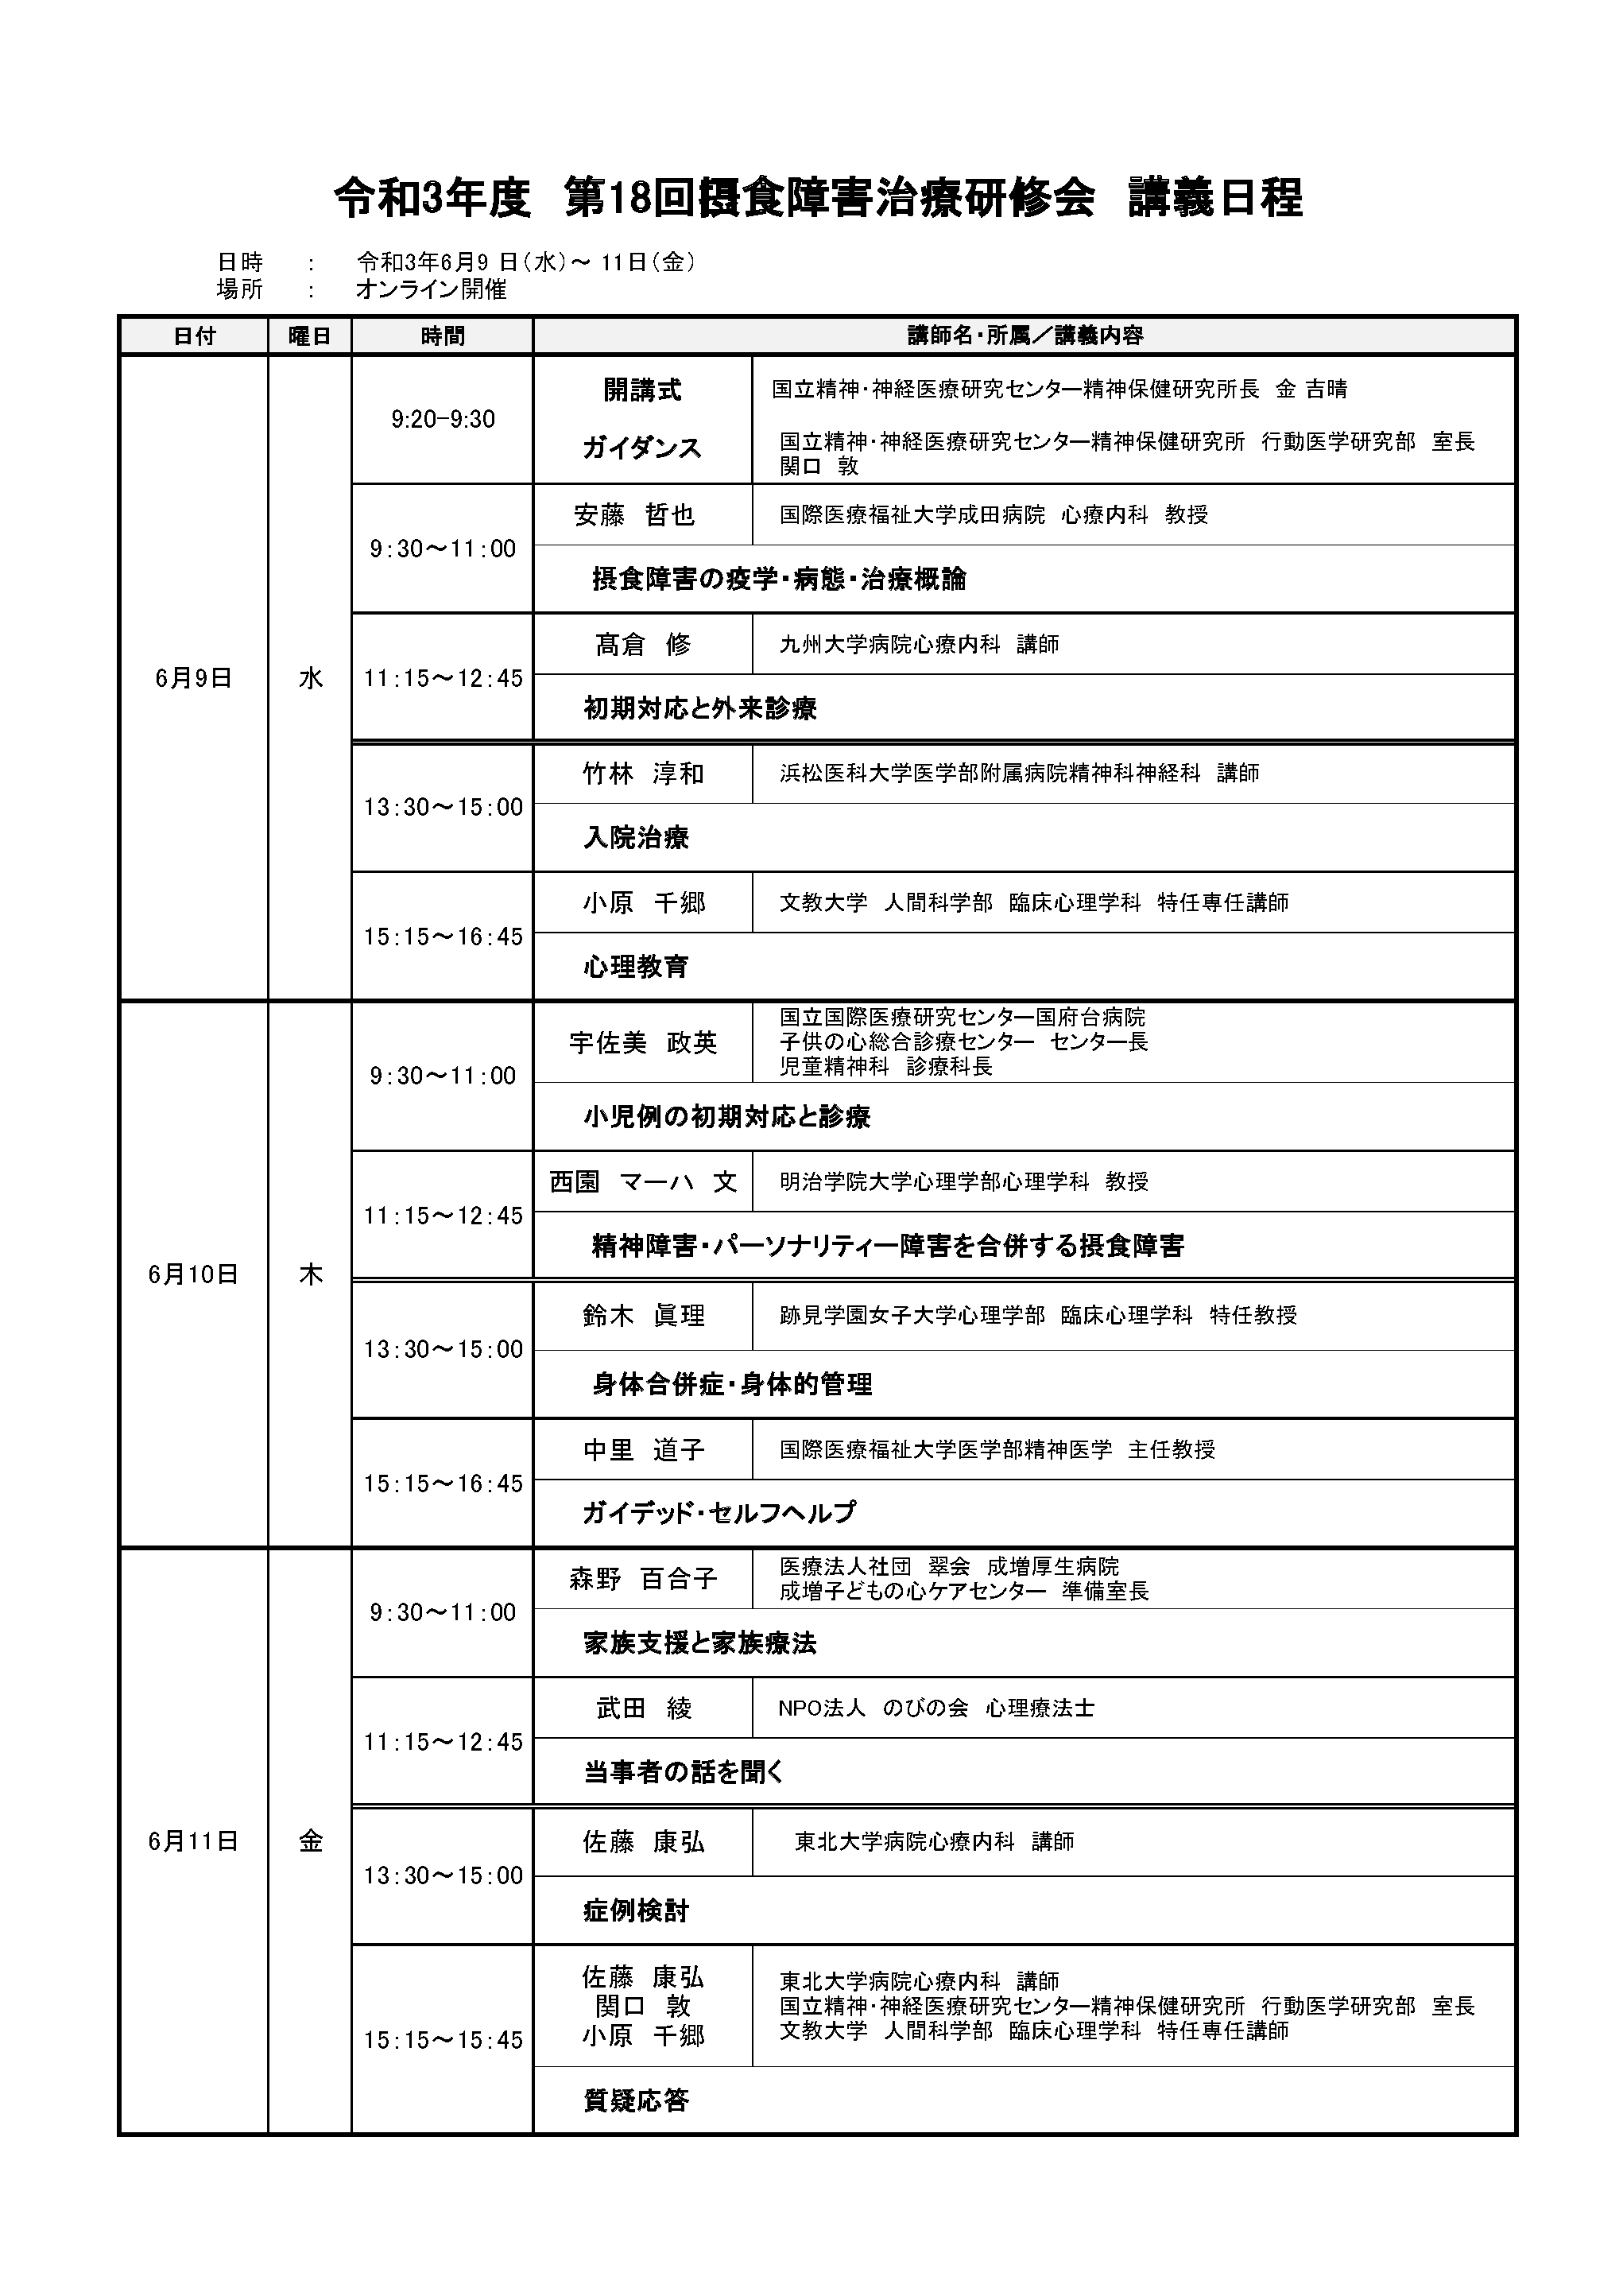 2021_第18回摂食障害治療研修_プログラム_0409.png